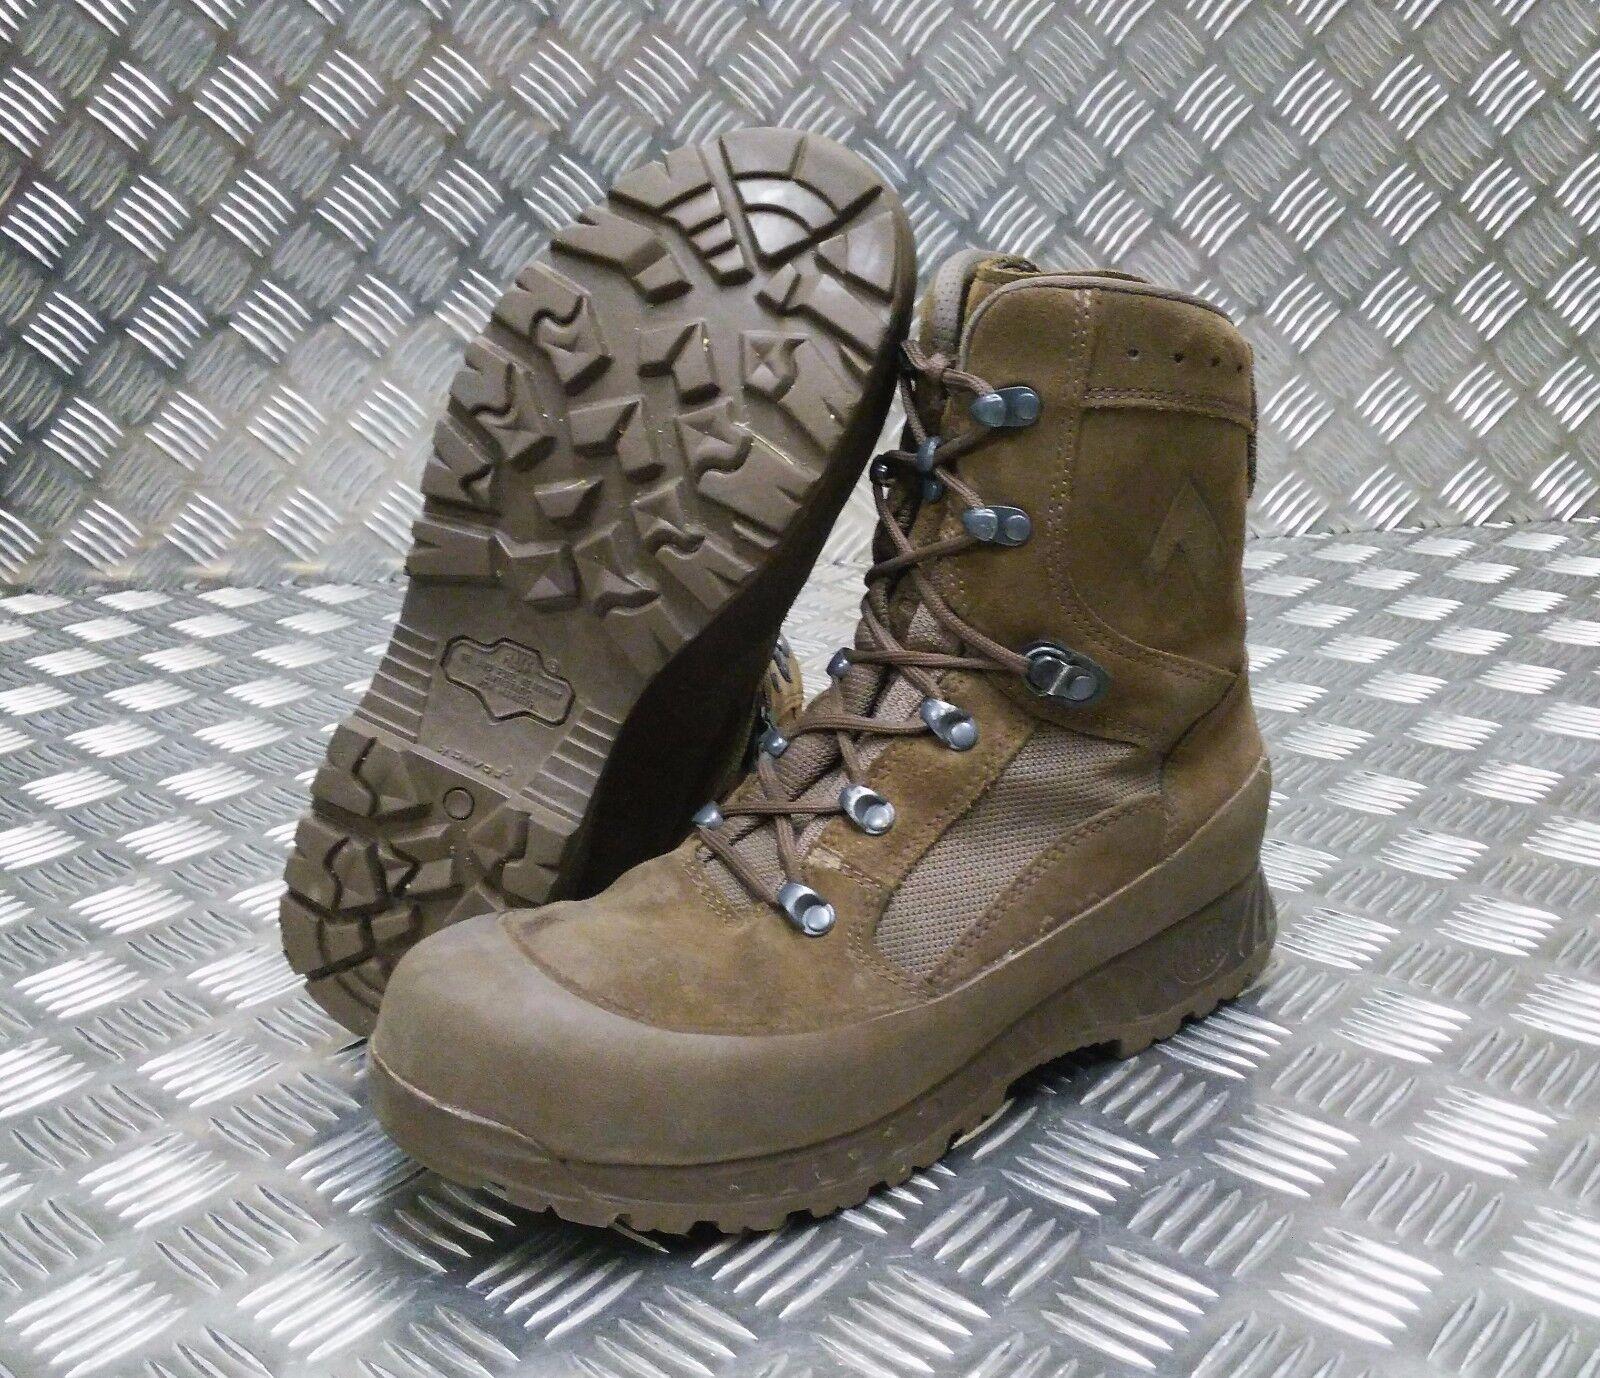 Original British Army Haix Wüste Wildleder Assault   Patrol Combat Stiefel